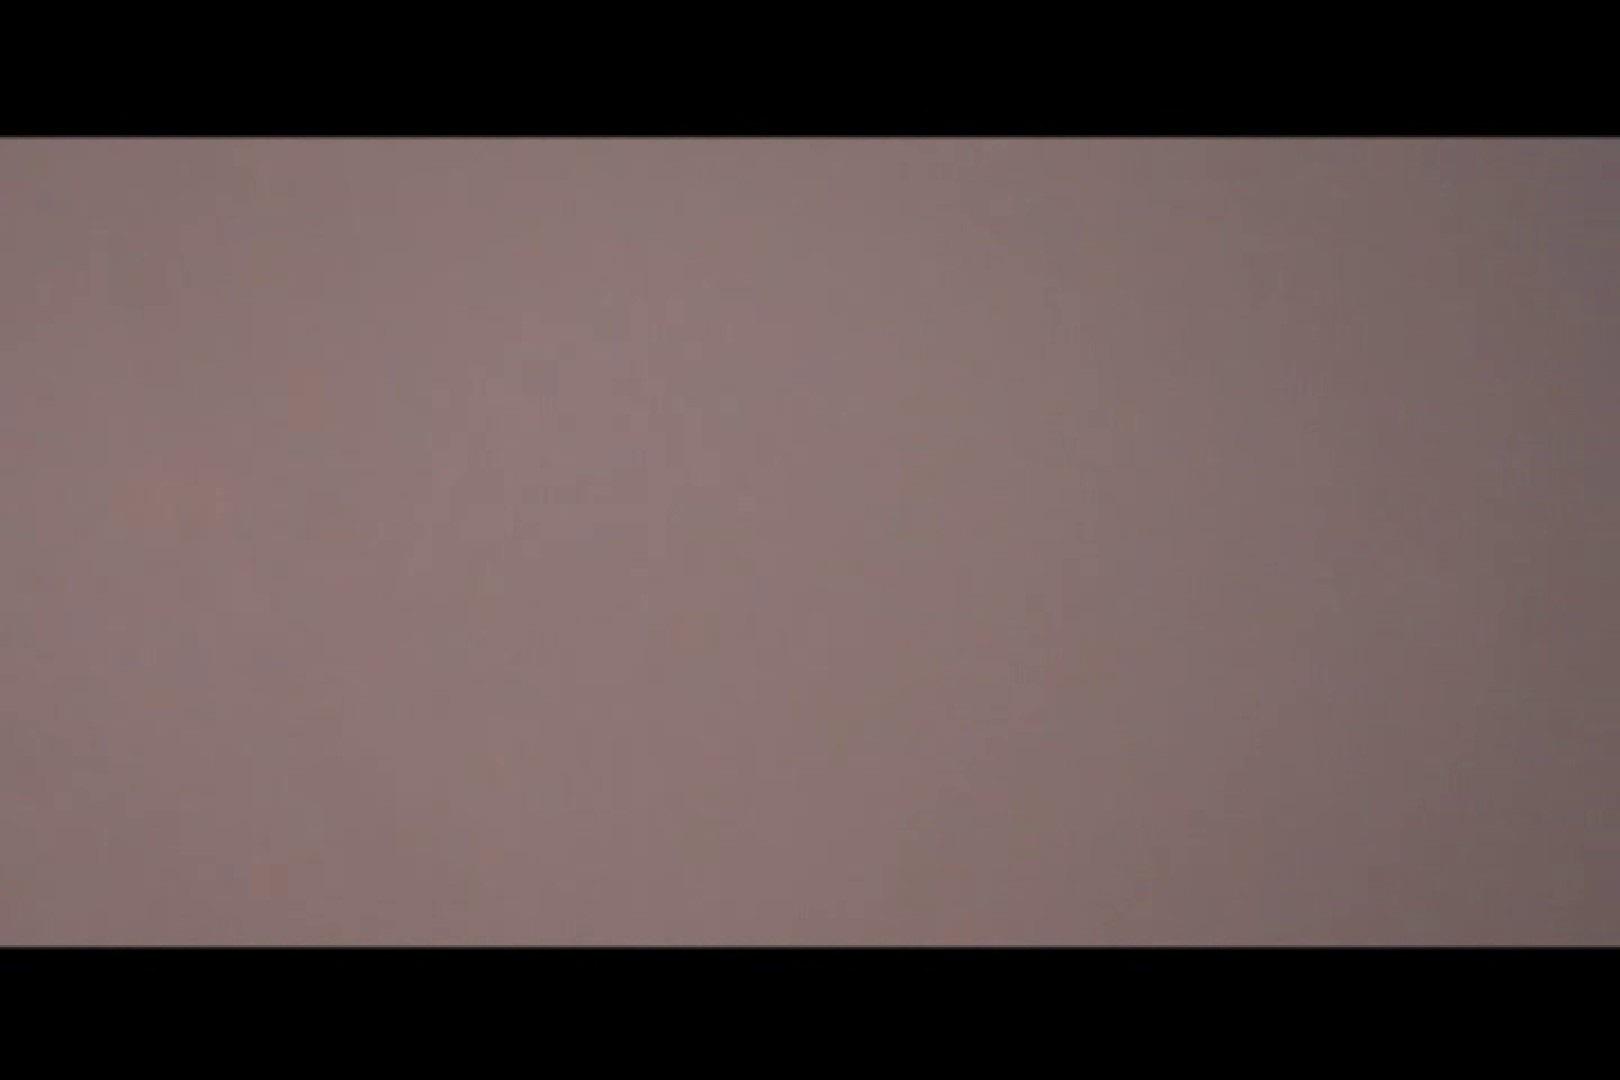 貸切露天 発情カップル! vol.08 カップルのsex | 露天覗き  104枚 39